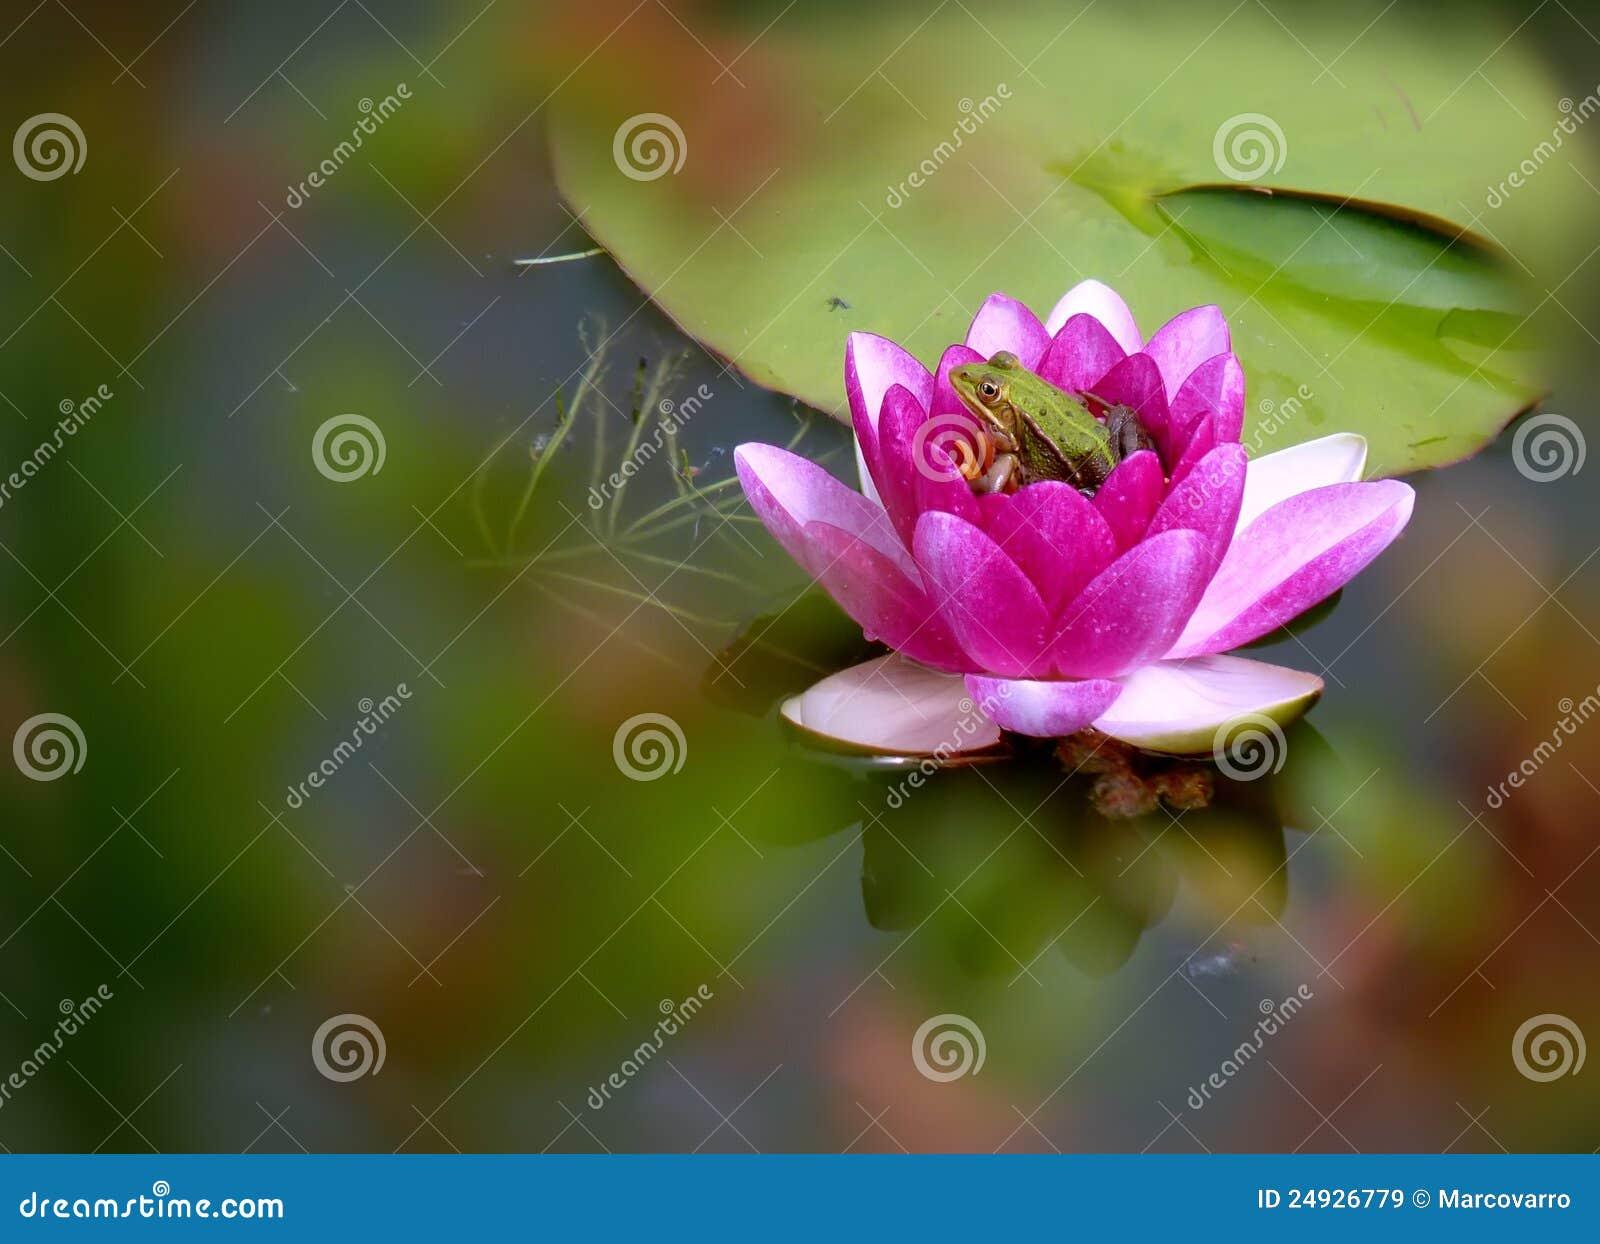 Dorable Flor En Uña Foto - Ideas de Pintar de Uñas - ayagenesis.info